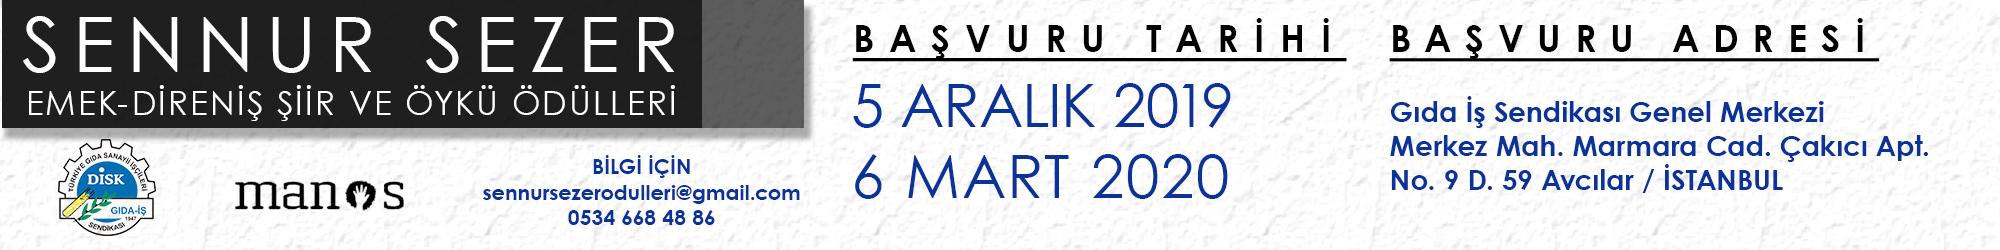 Sennur Sezer Şiir ve Öykü Ödülleri